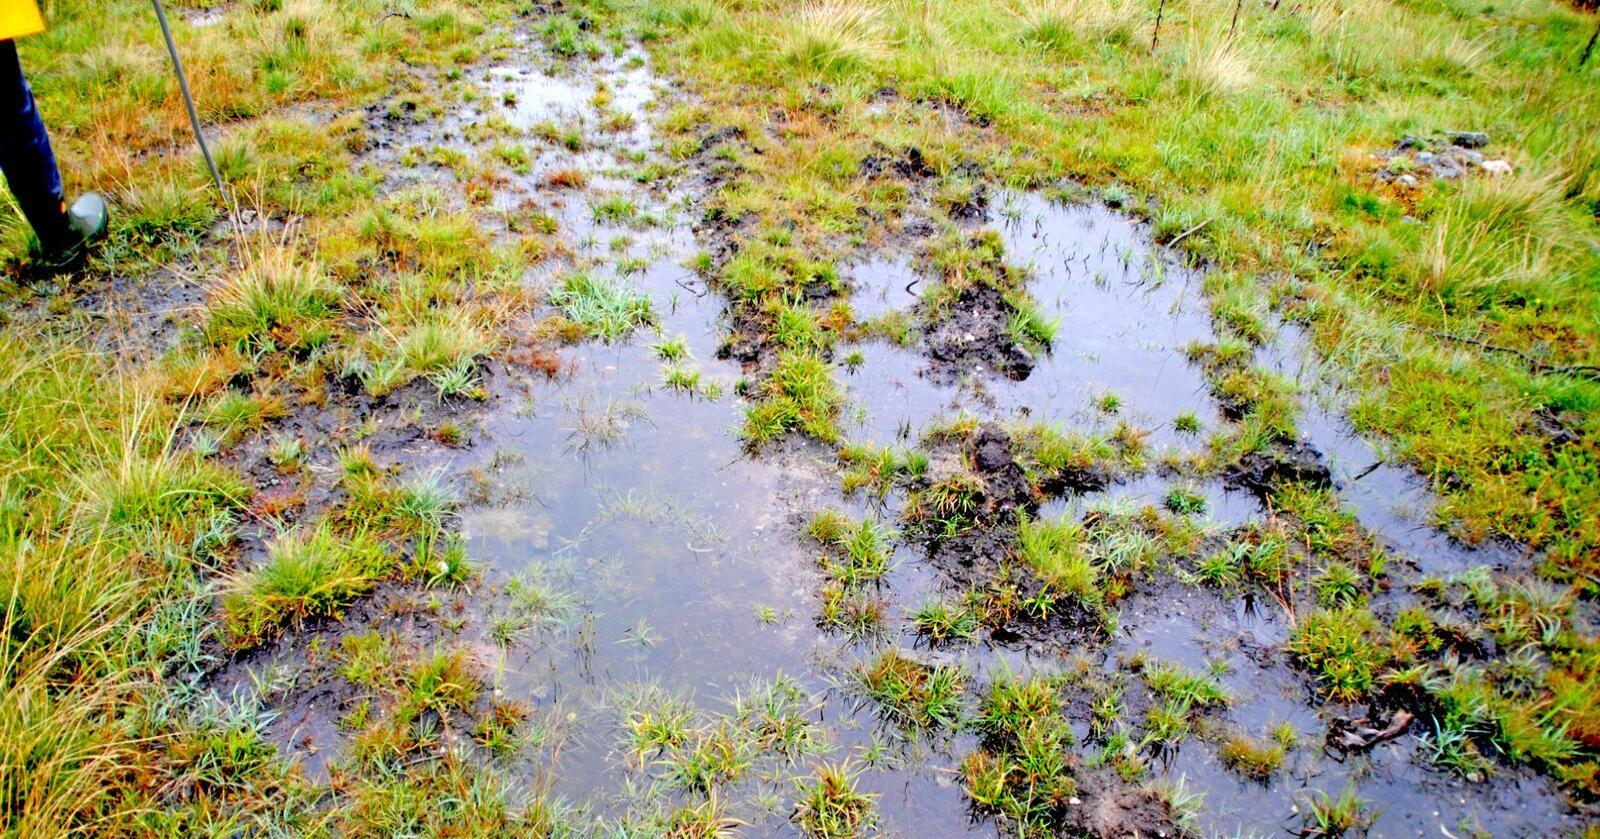 SV krever at regjeringen legger fram et forslag om forbud mot nedbygging av myr. Foto: Lars Bilit Hagen